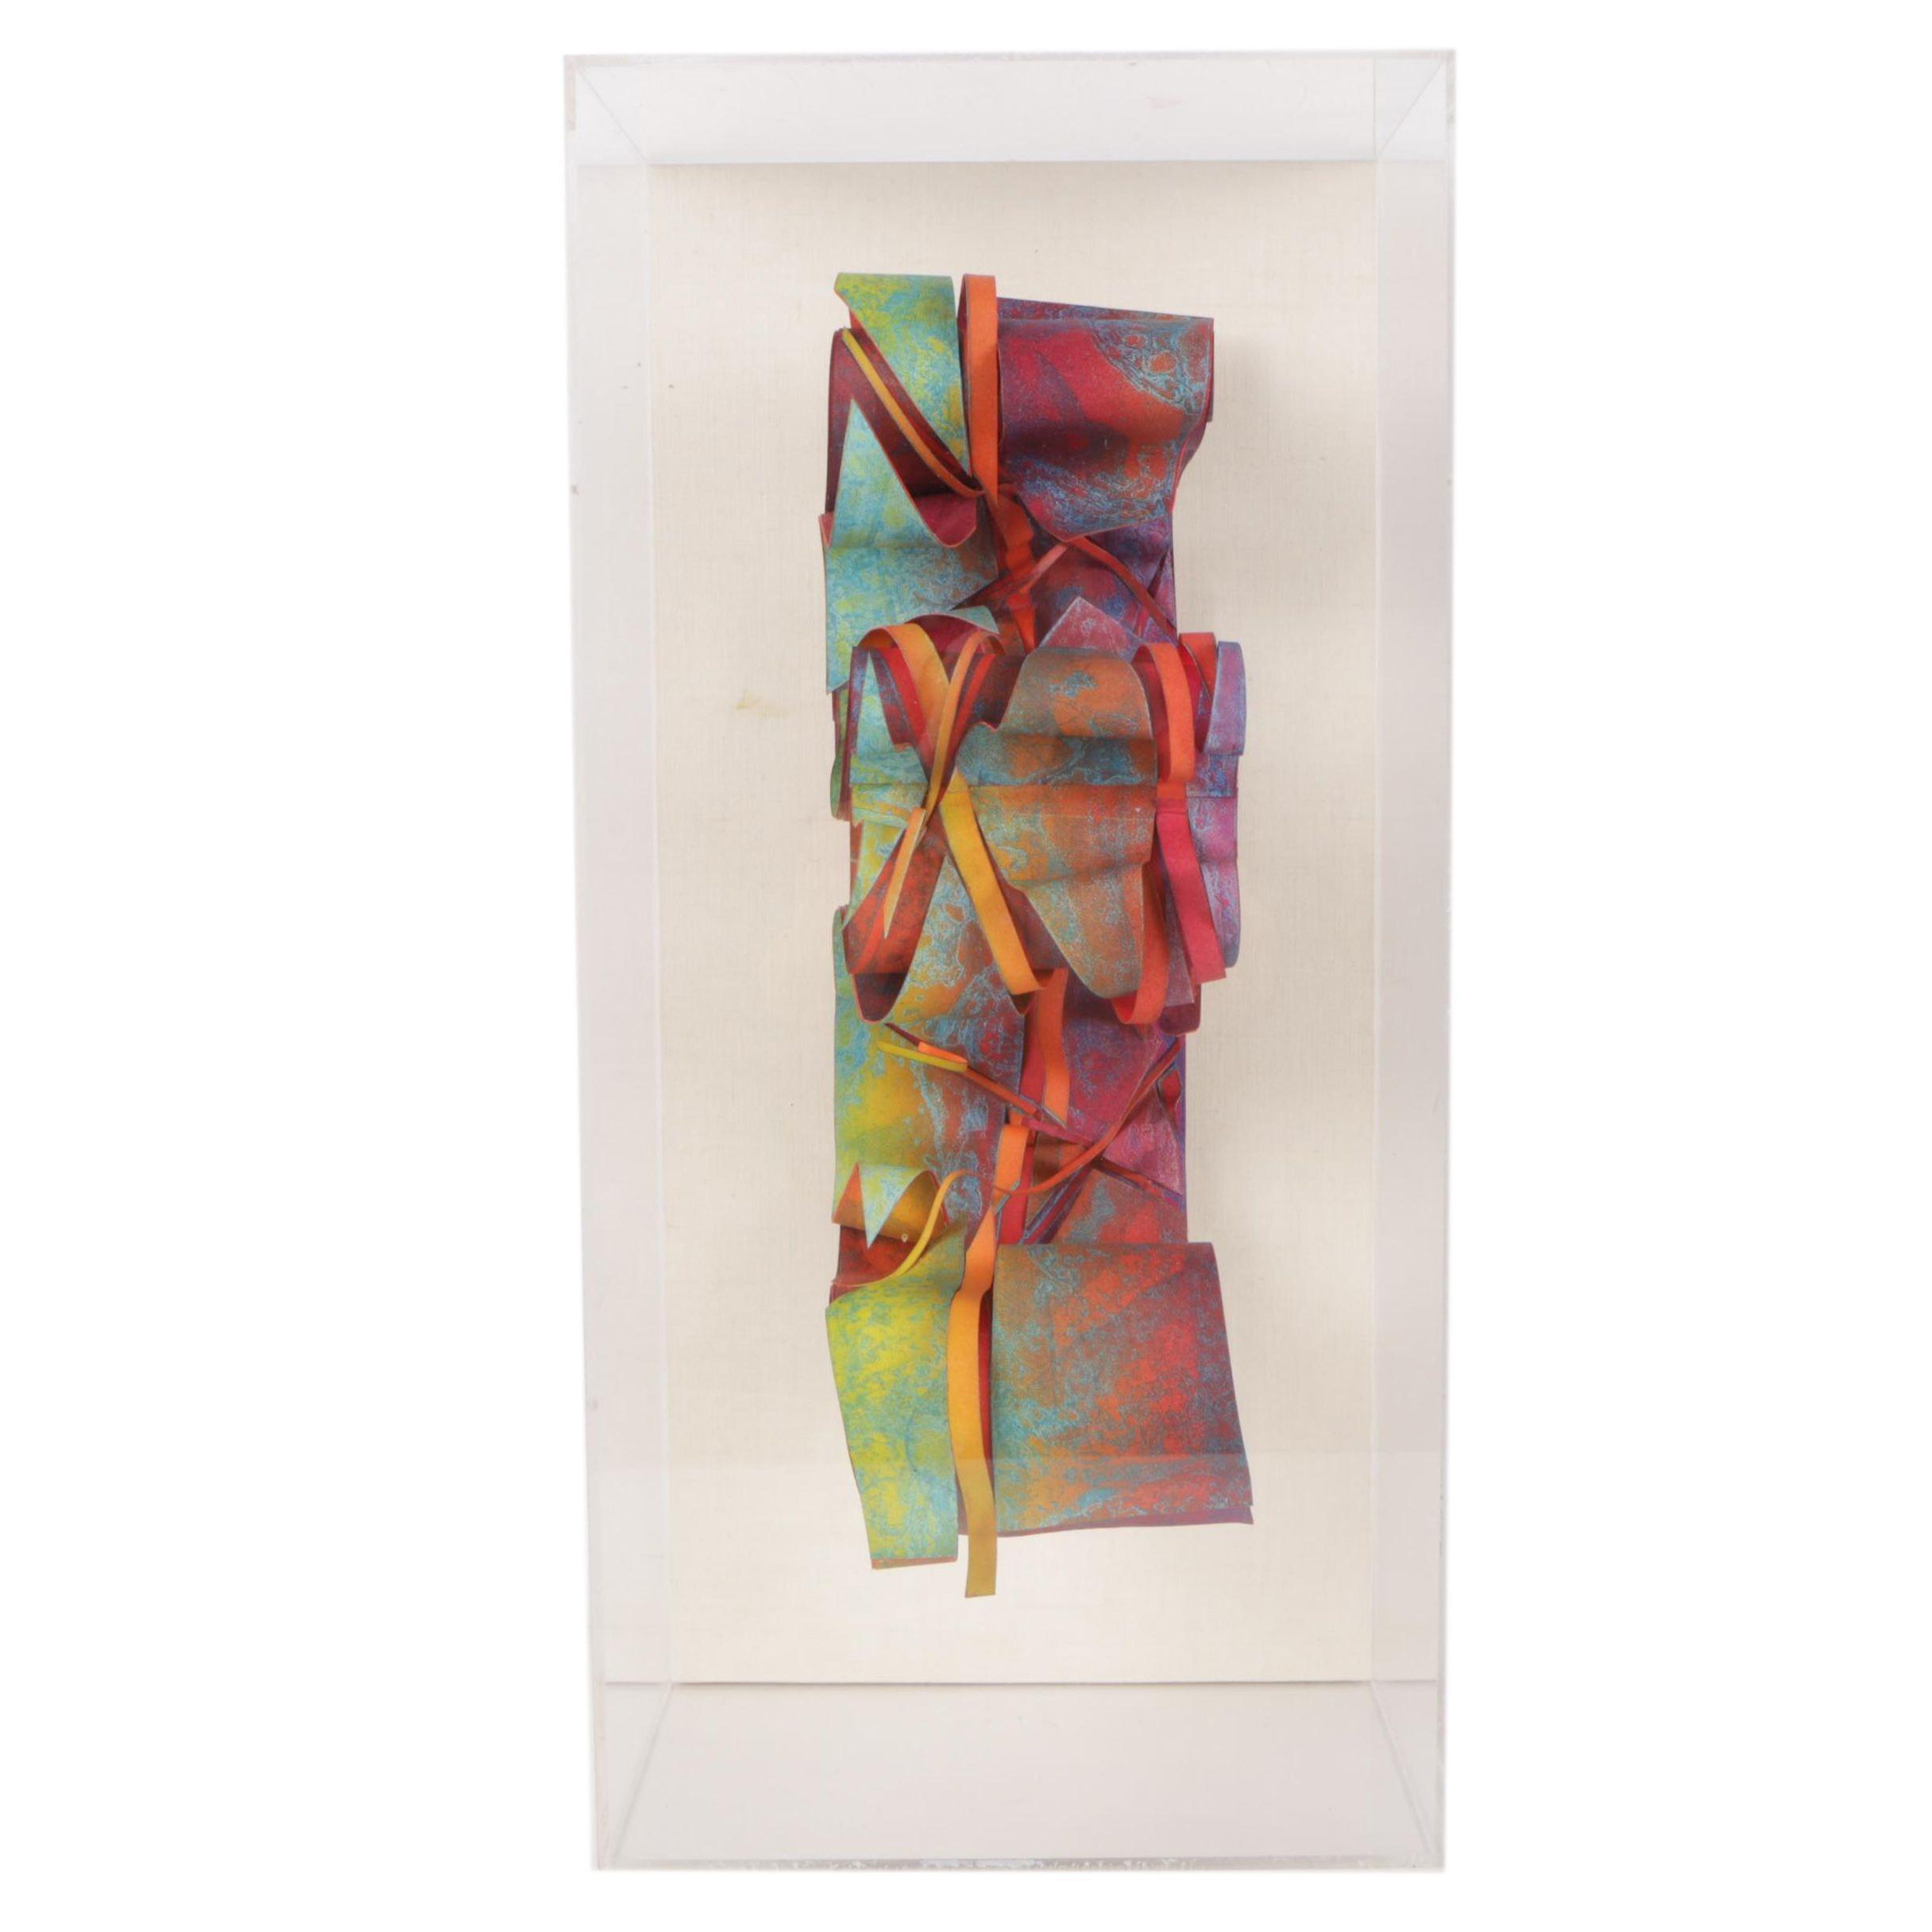 Ghita Hardimon Abstract Mixed Media Sculpture